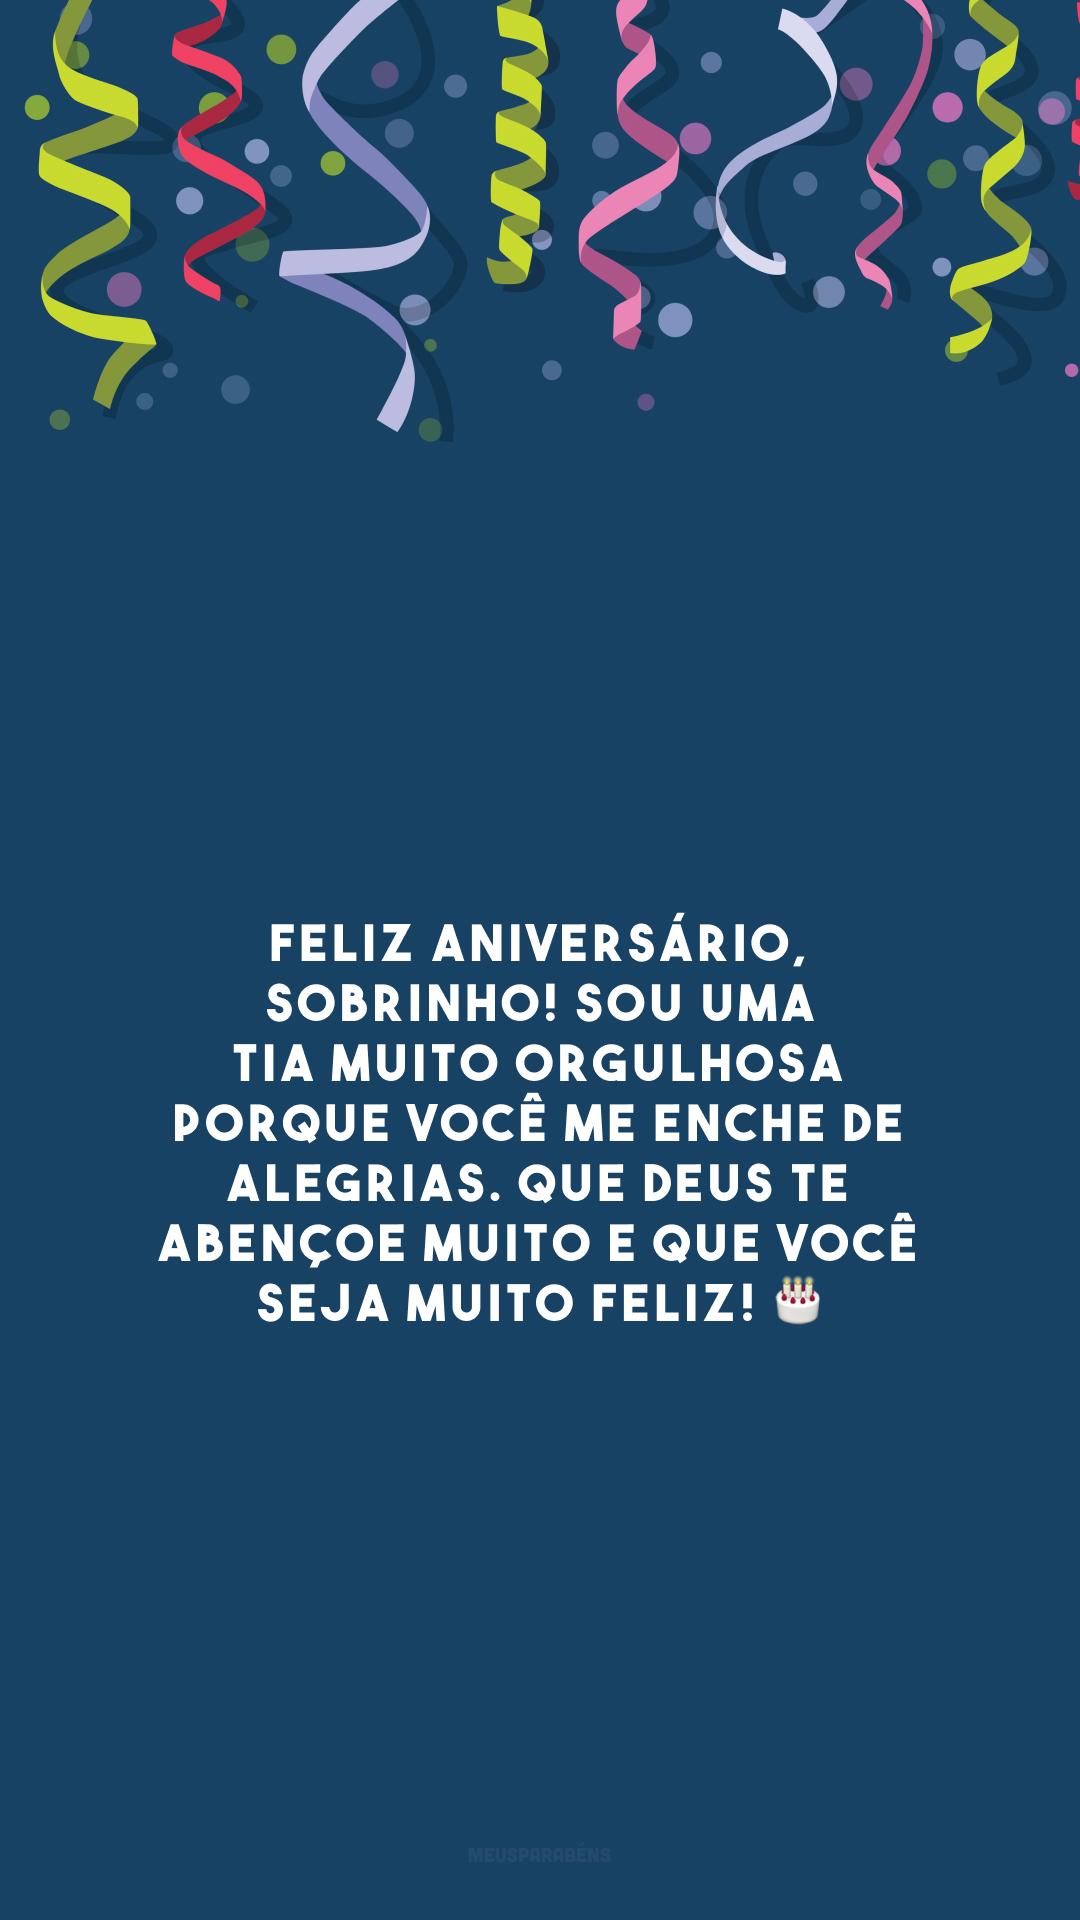 Feliz aniversário, sobrinho! Sou uma tia muito orgulhosa porque você me enche de alegrias. Que Deus te abençoe muito e que você seja muito feliz! 🎂